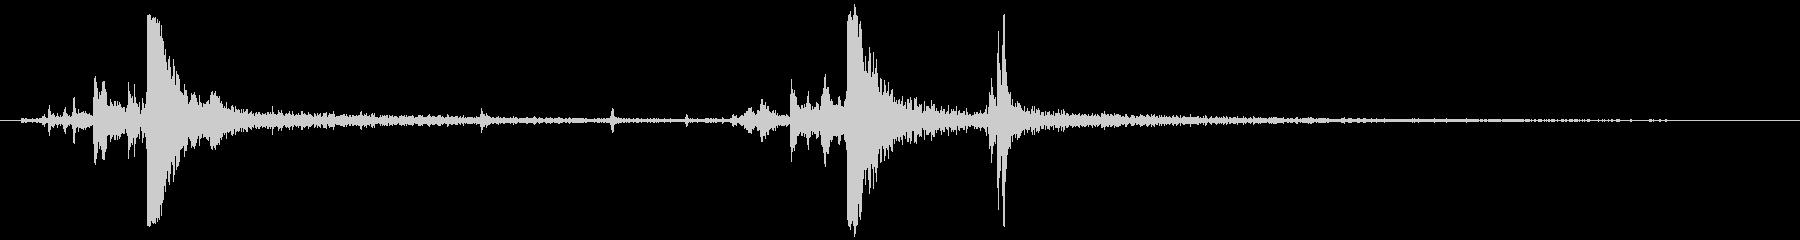 カギを掛ける音1リバーブの未再生の波形